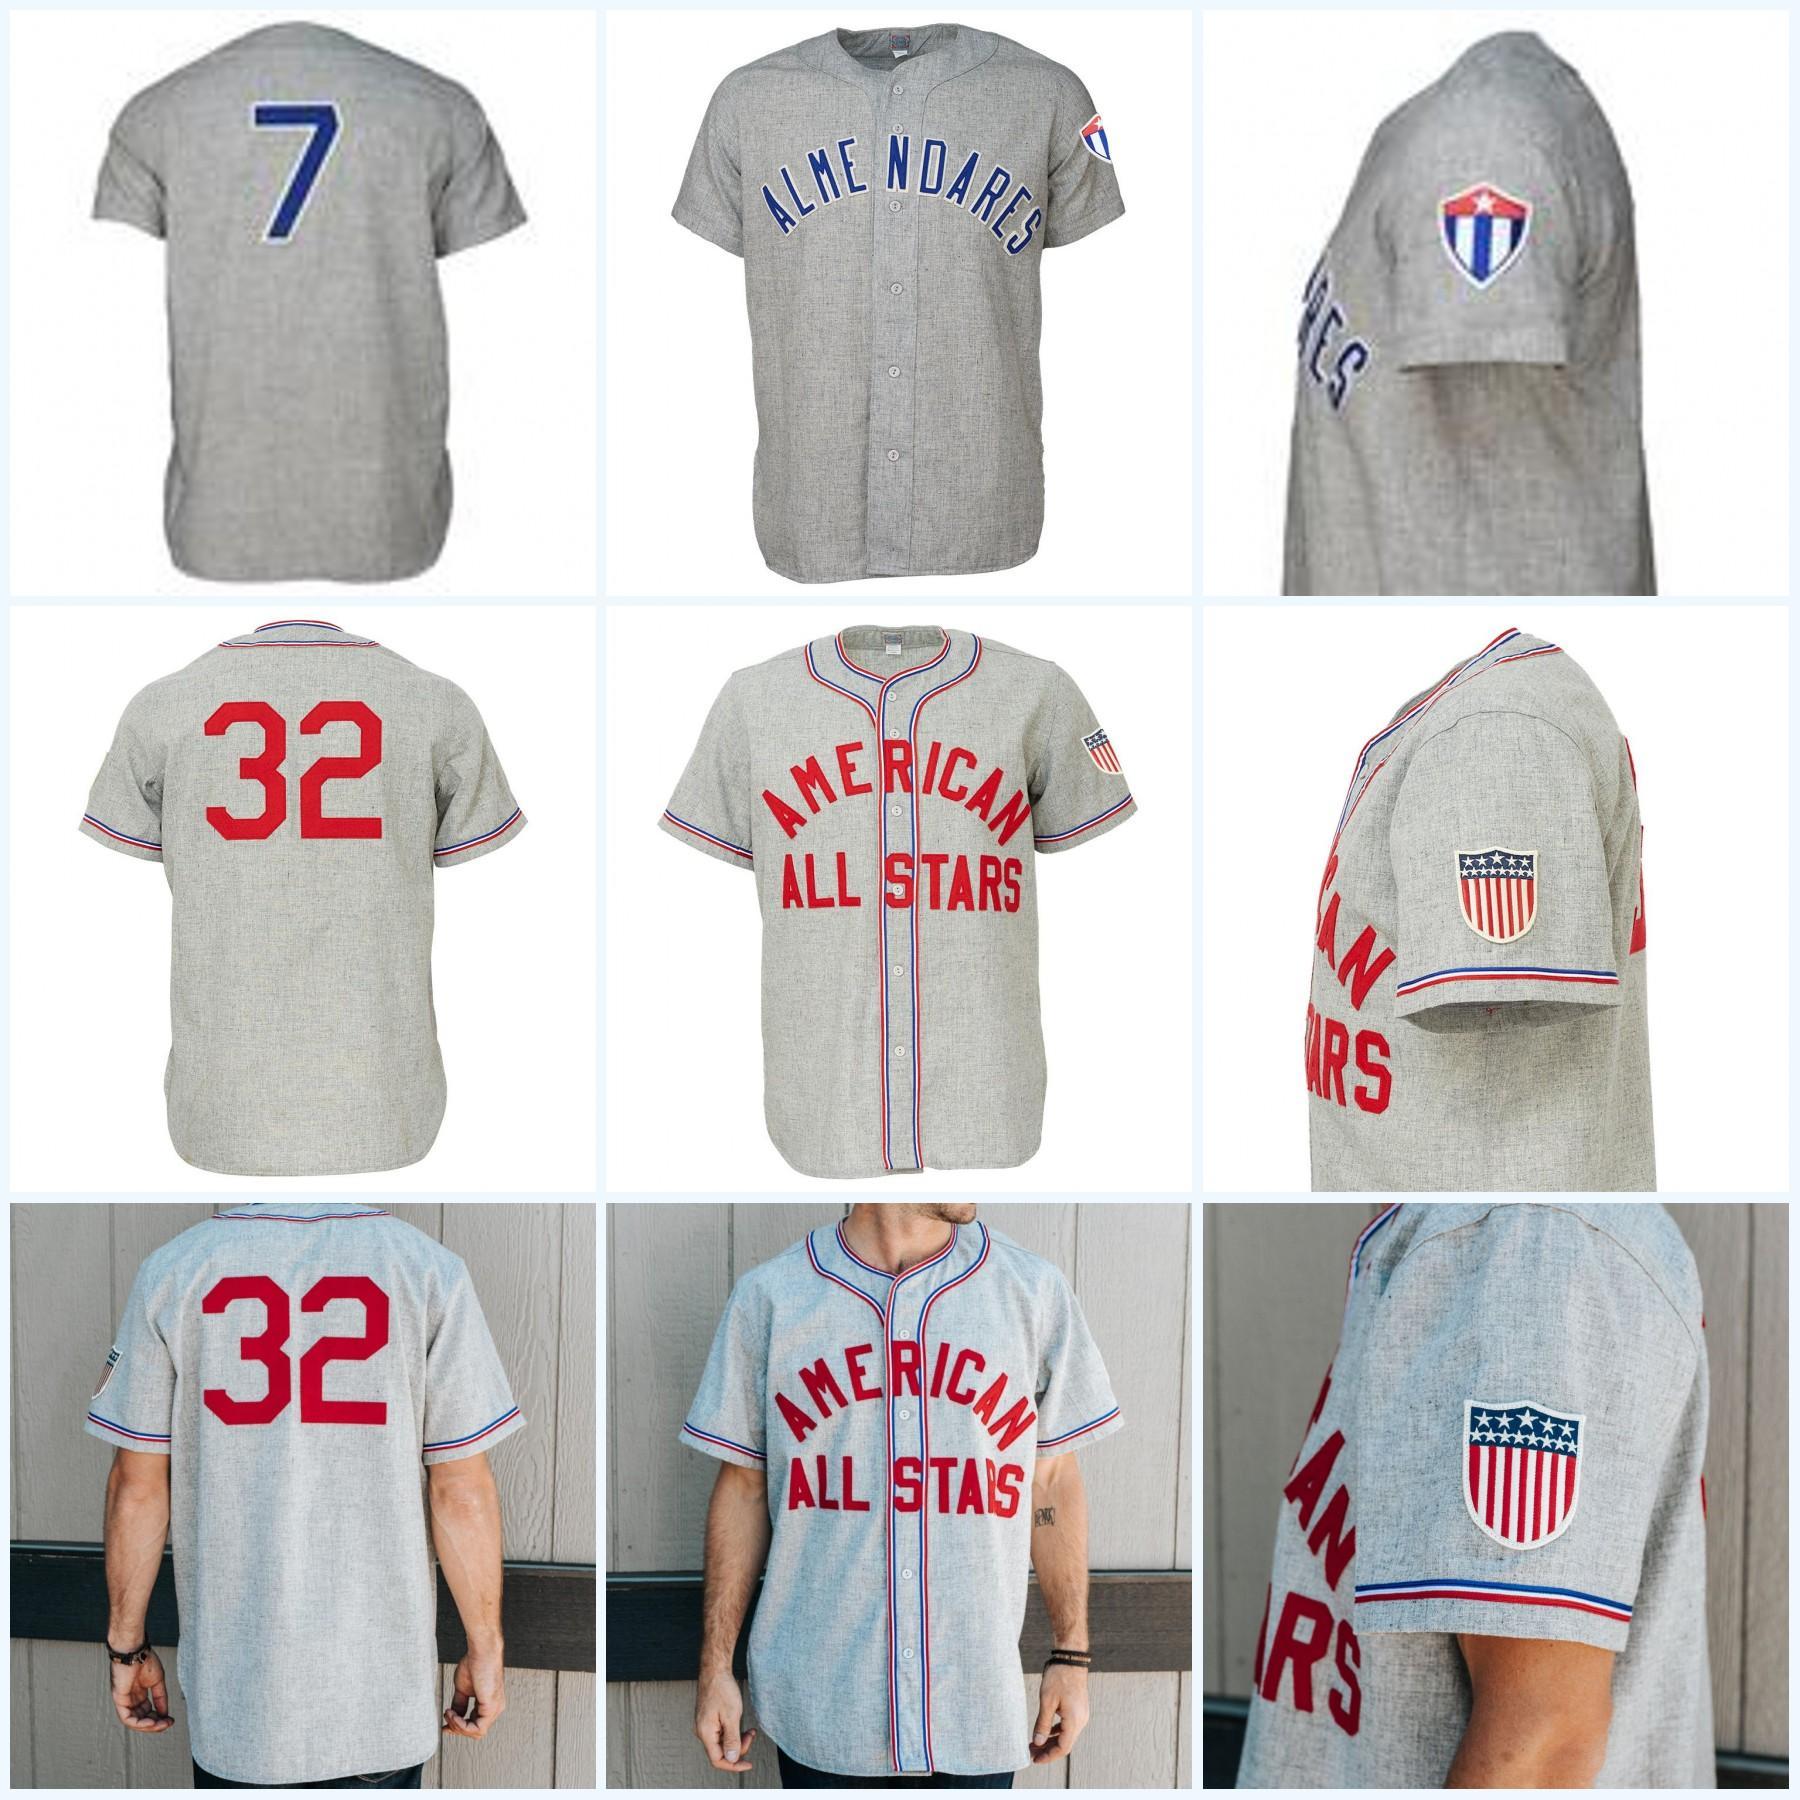 أمريكا كل النجوم 1945 الطريق جيرسي ألمينداريس Alacranes 1949 الطريق البيسبول جيرسي جميع مخيط التطريز للرجل إمرأة الشباب